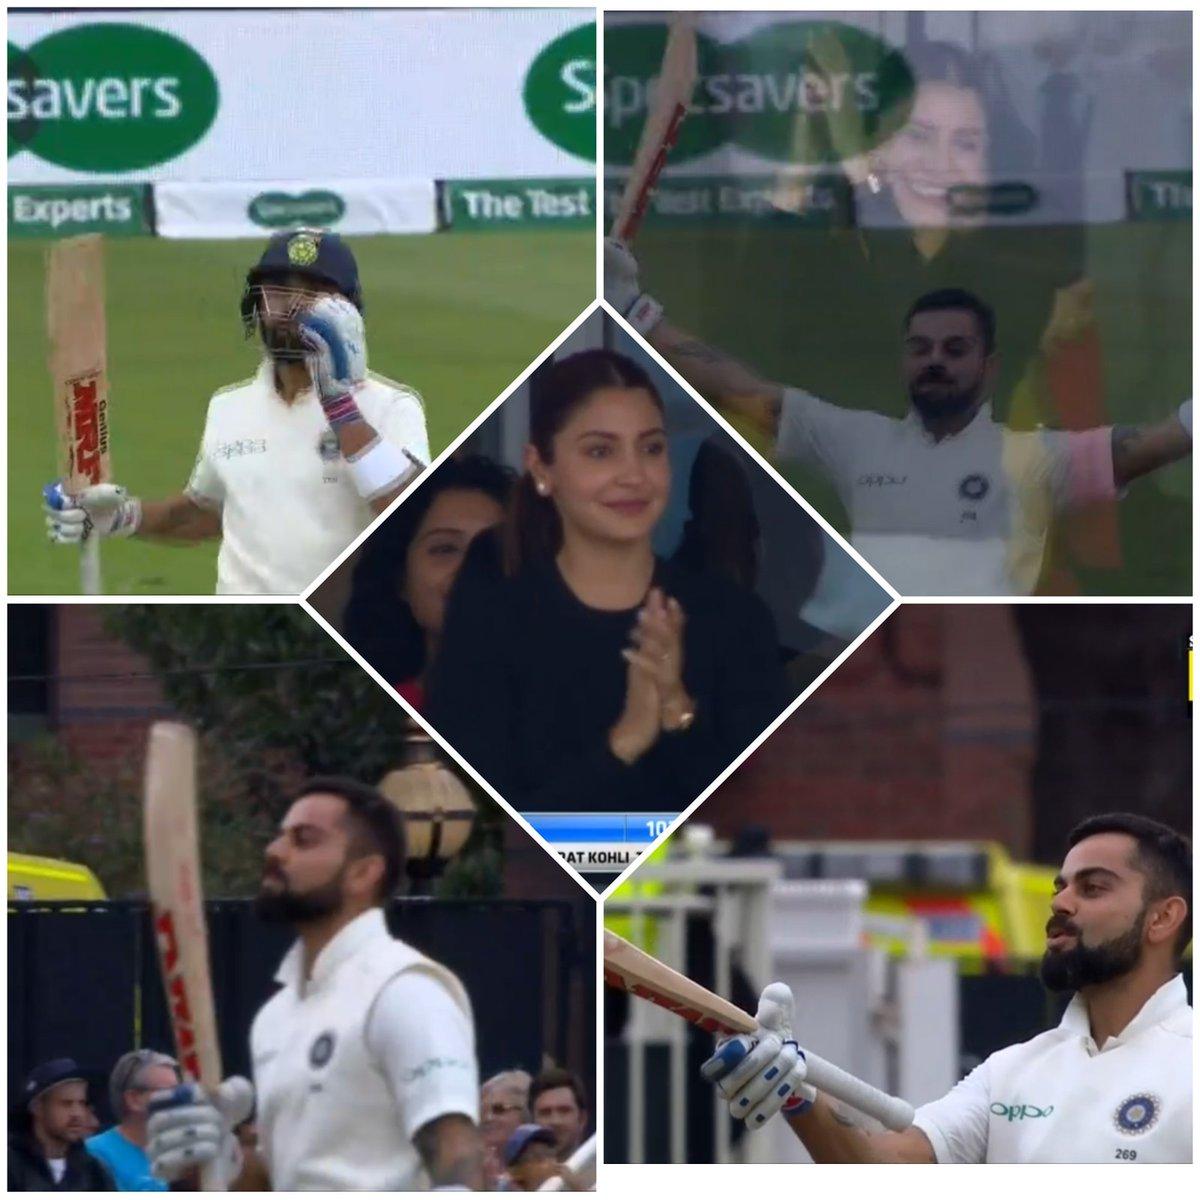 ENG vs IND: विराट ने शतक बनाने के बाद किया कुछ ऐसा, अनुष्का शर्मा को भी आ गई शर्म, देखे वीडियो 13